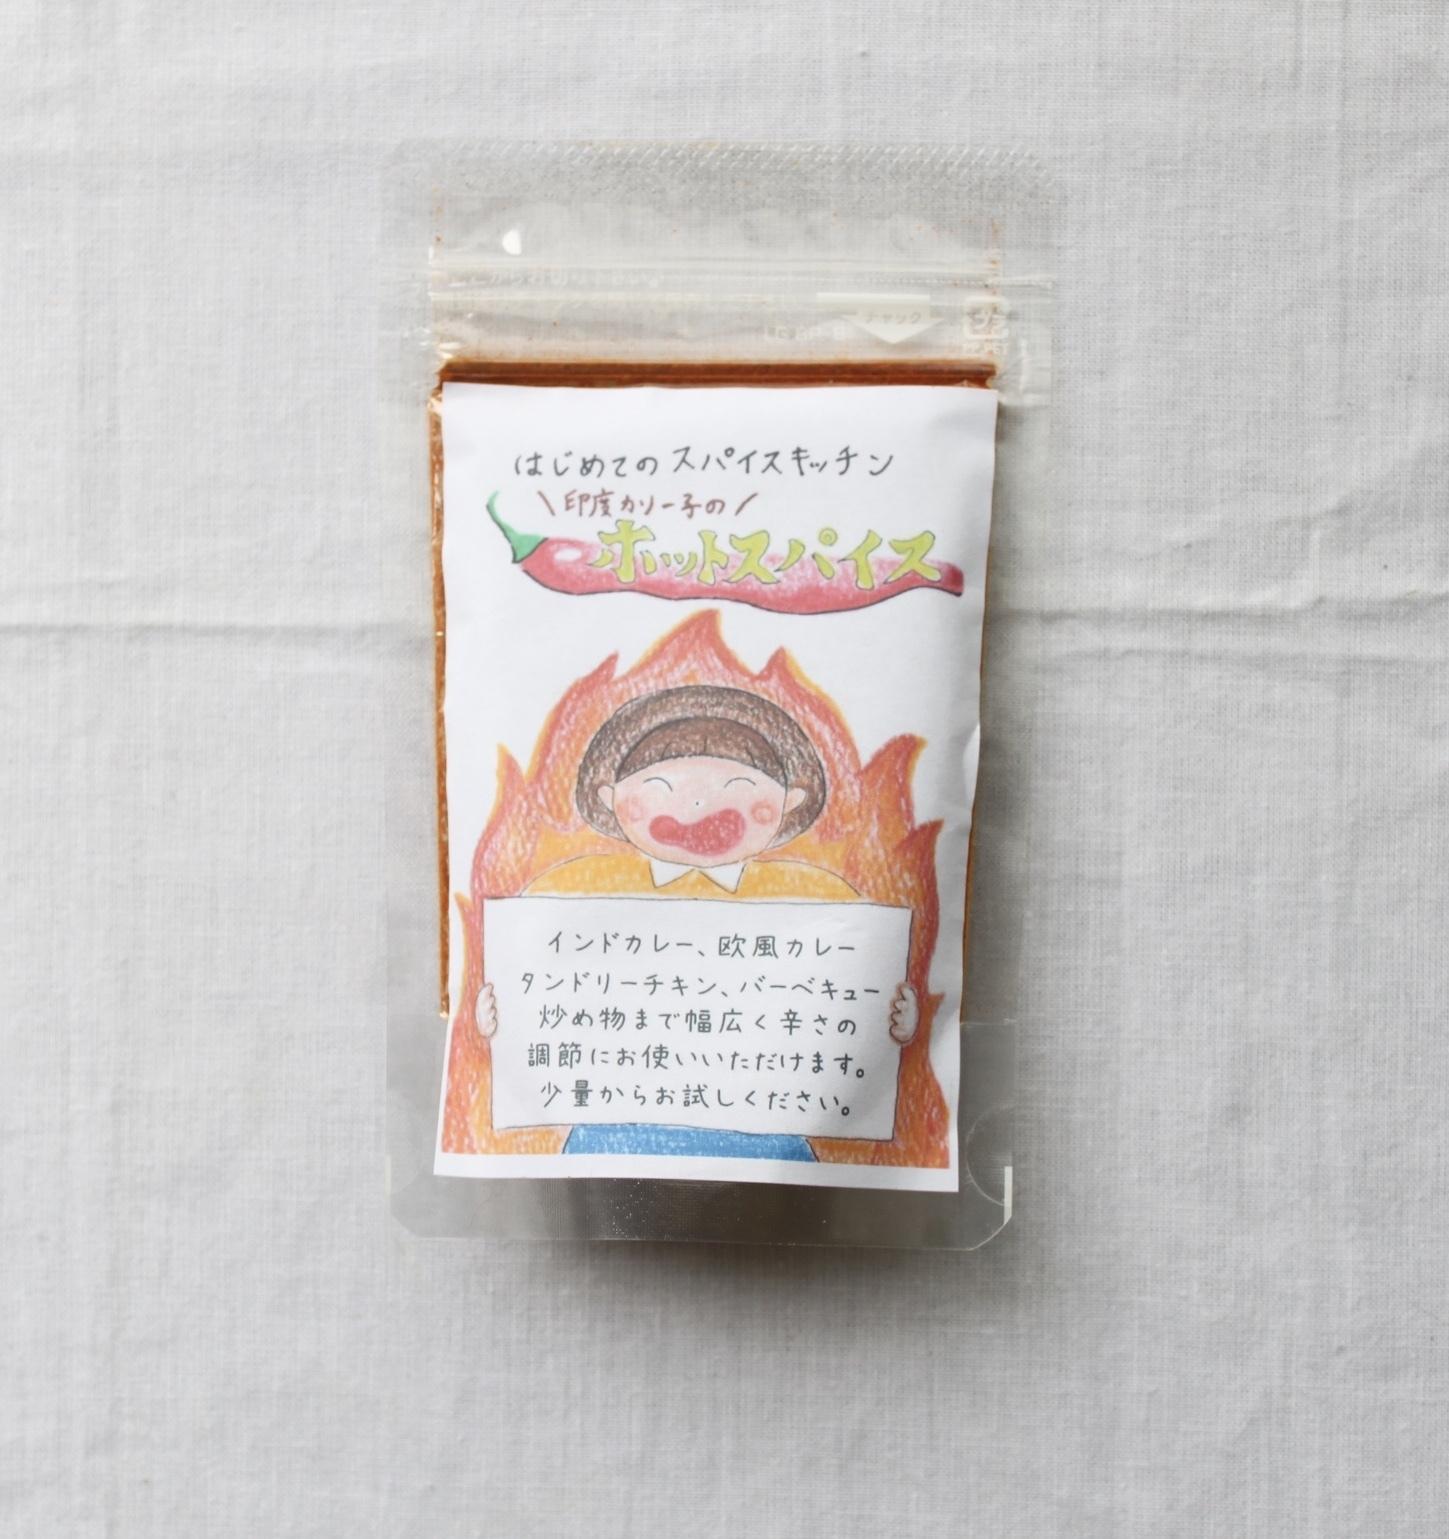 【辛さ自由自在】印度カリー子特製 ホットスパイス/辛旨スパイス 45g